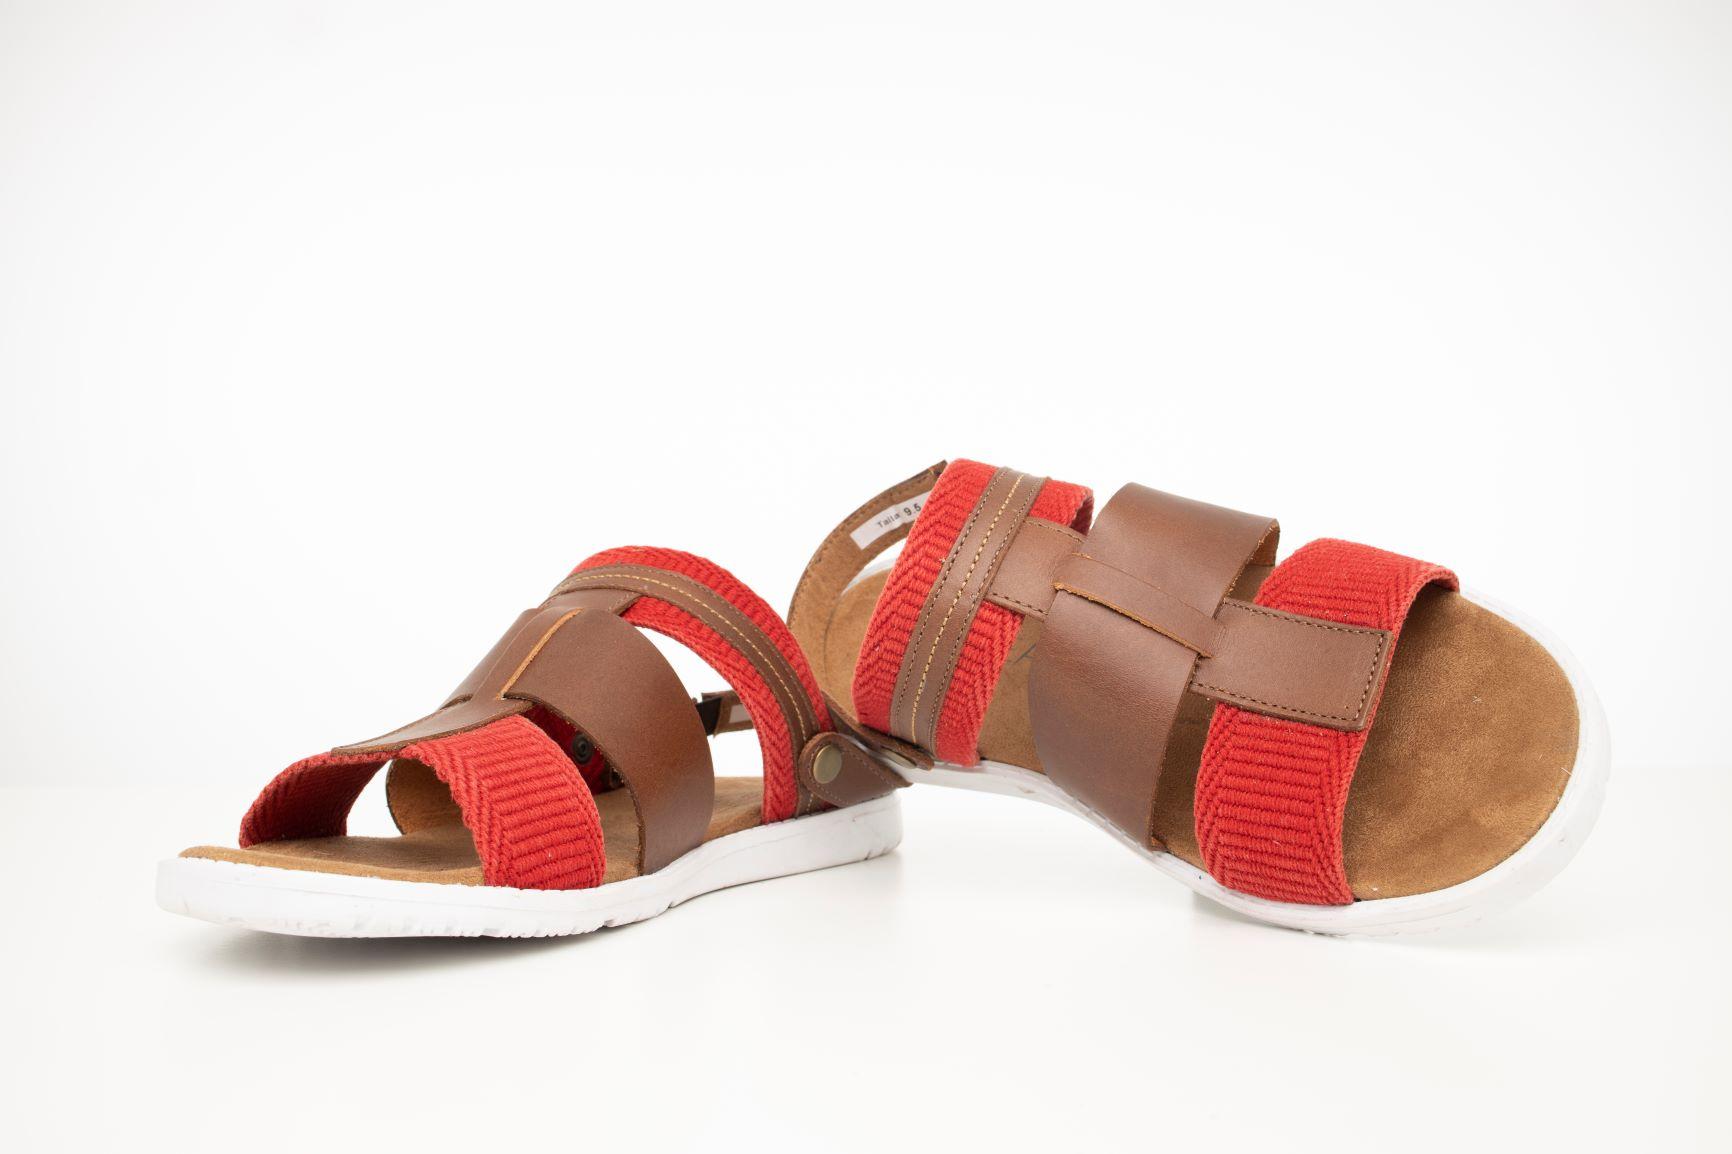 Sandalias de cuero - Este tipo de calzado gana terreno durante en el verano. Disponible en Boronea en The Mall of San Juan. (Suministrada)